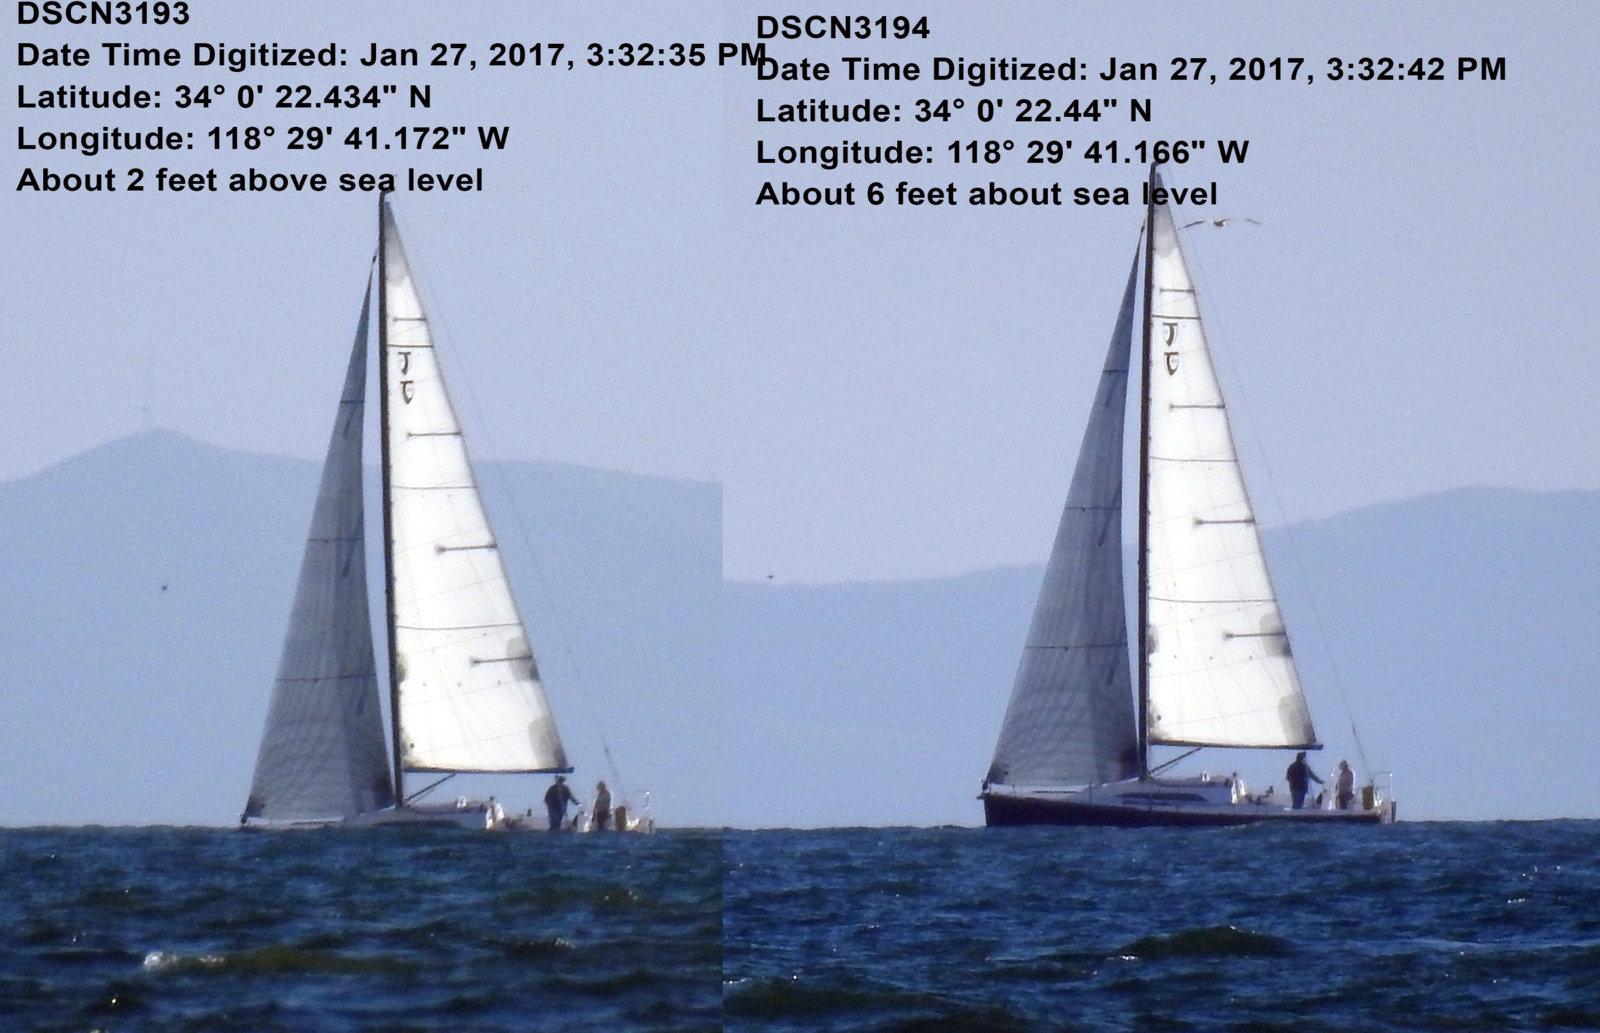 DSCN3193-comparison.